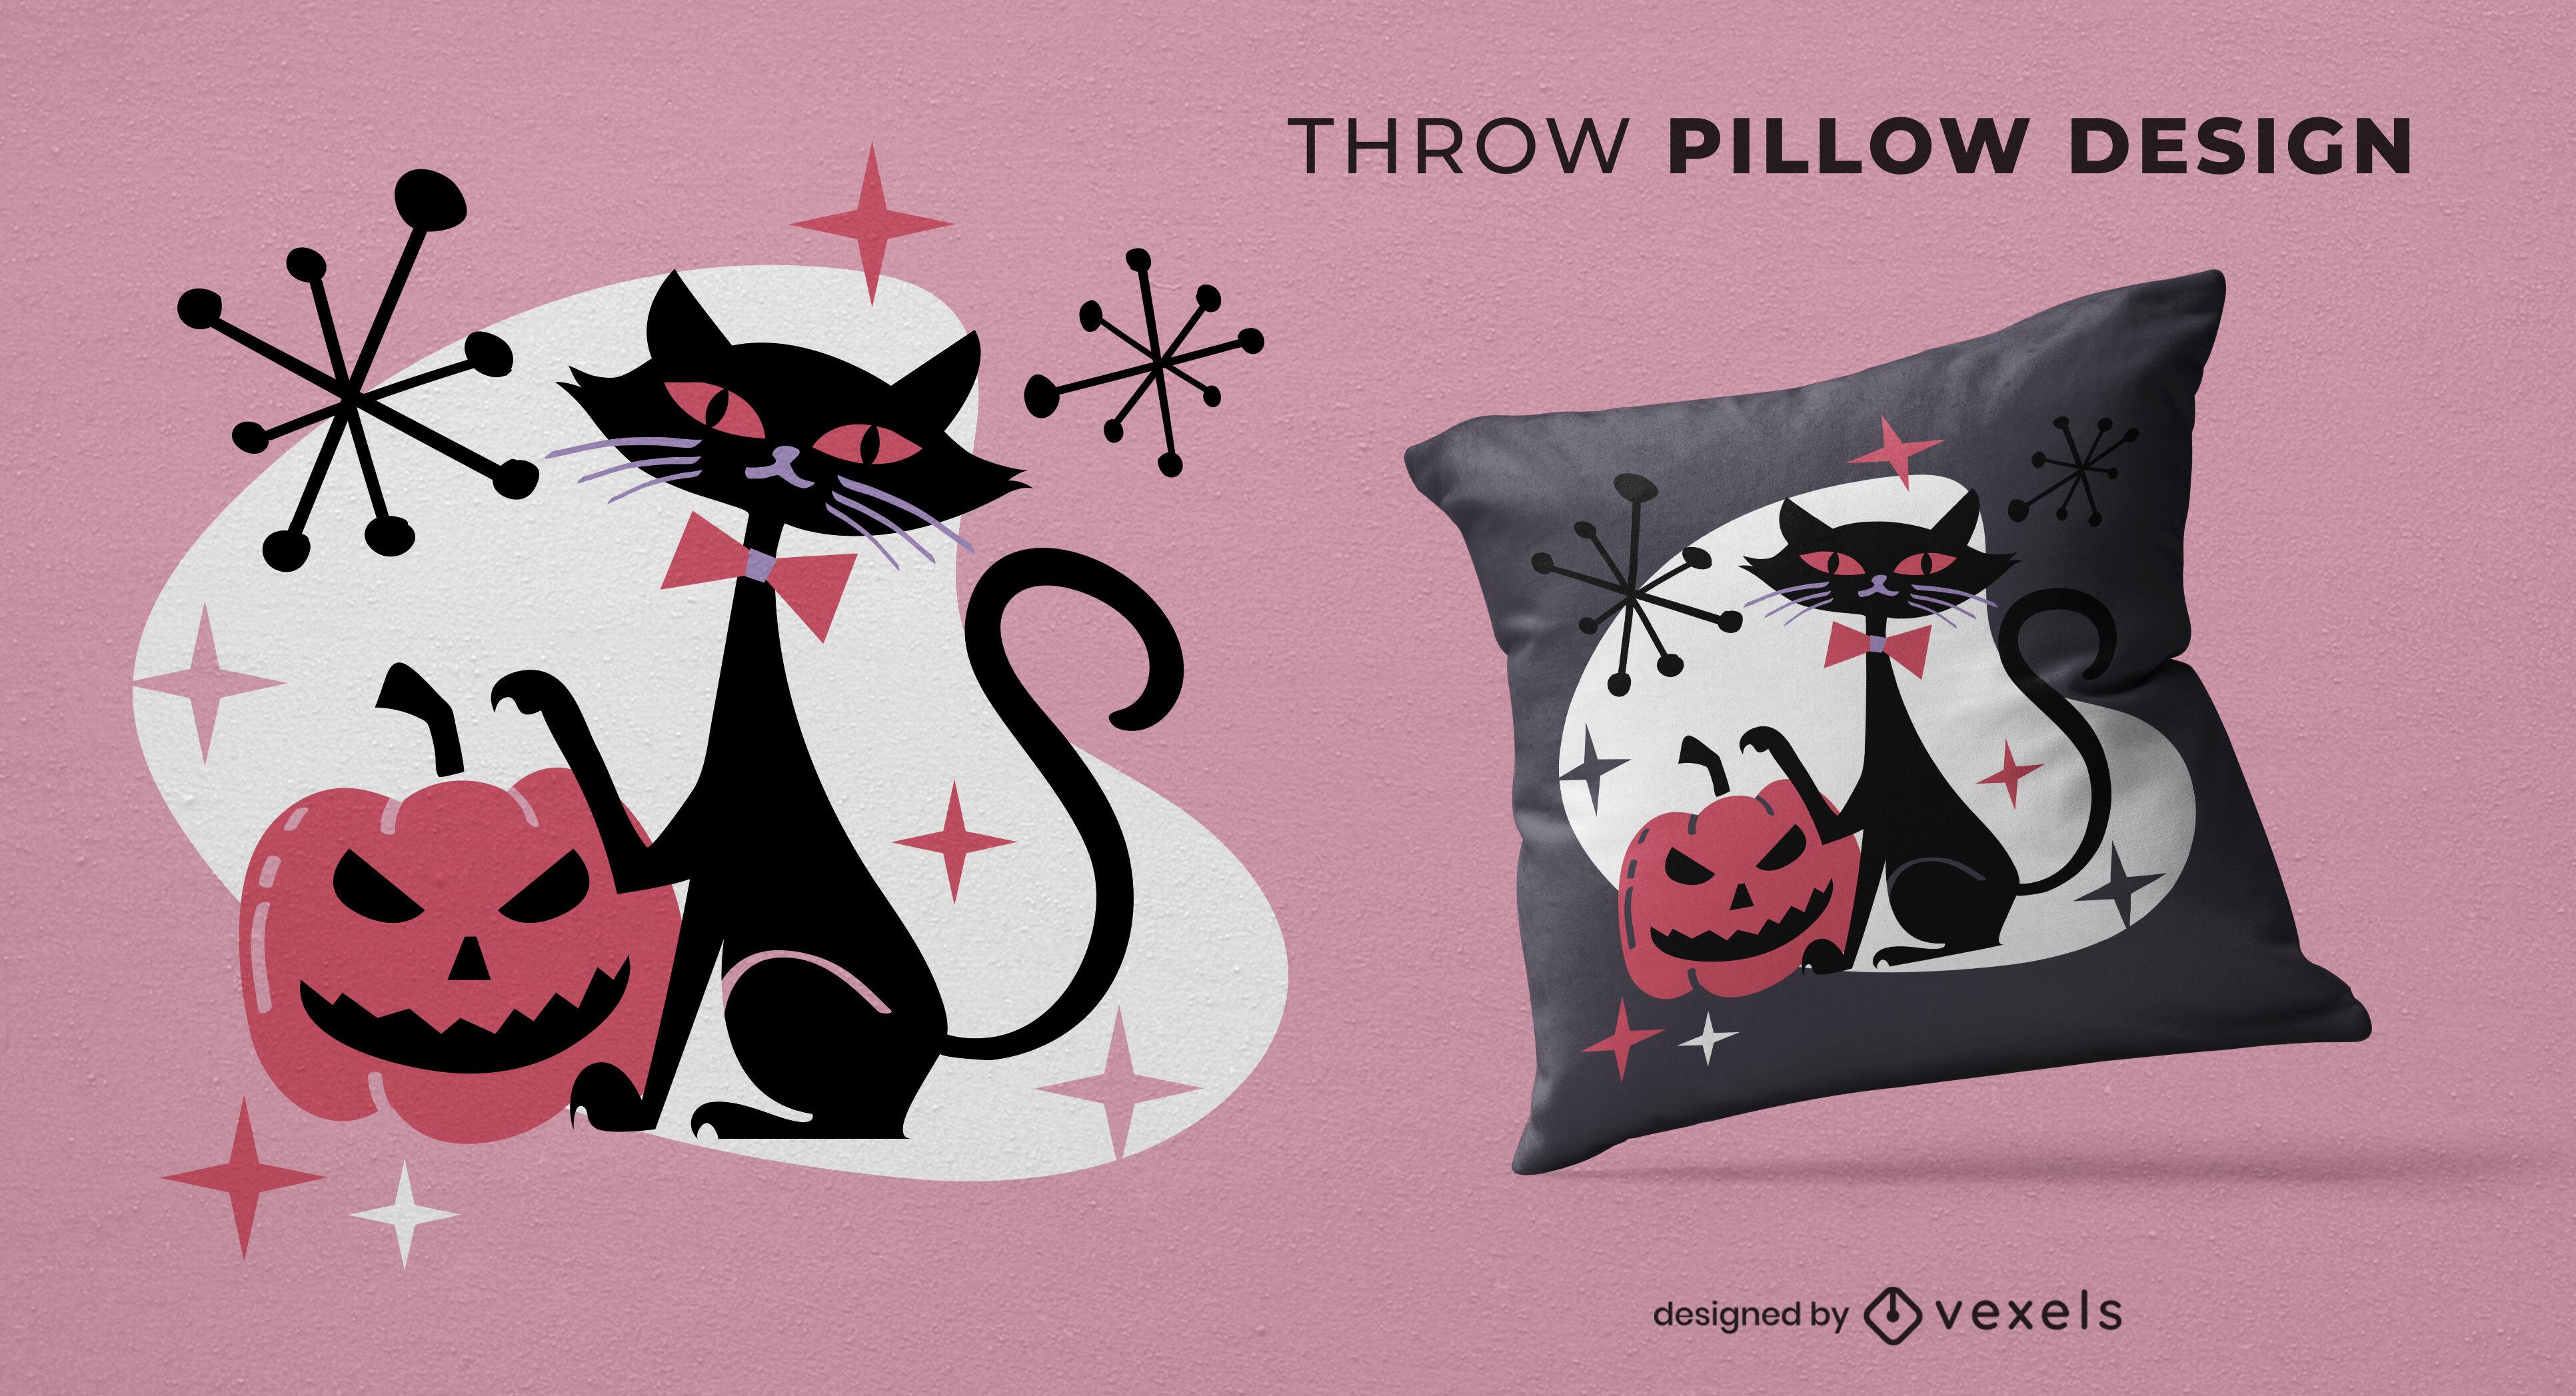 Dise?o de almohada de tiro de halloween de gato negro